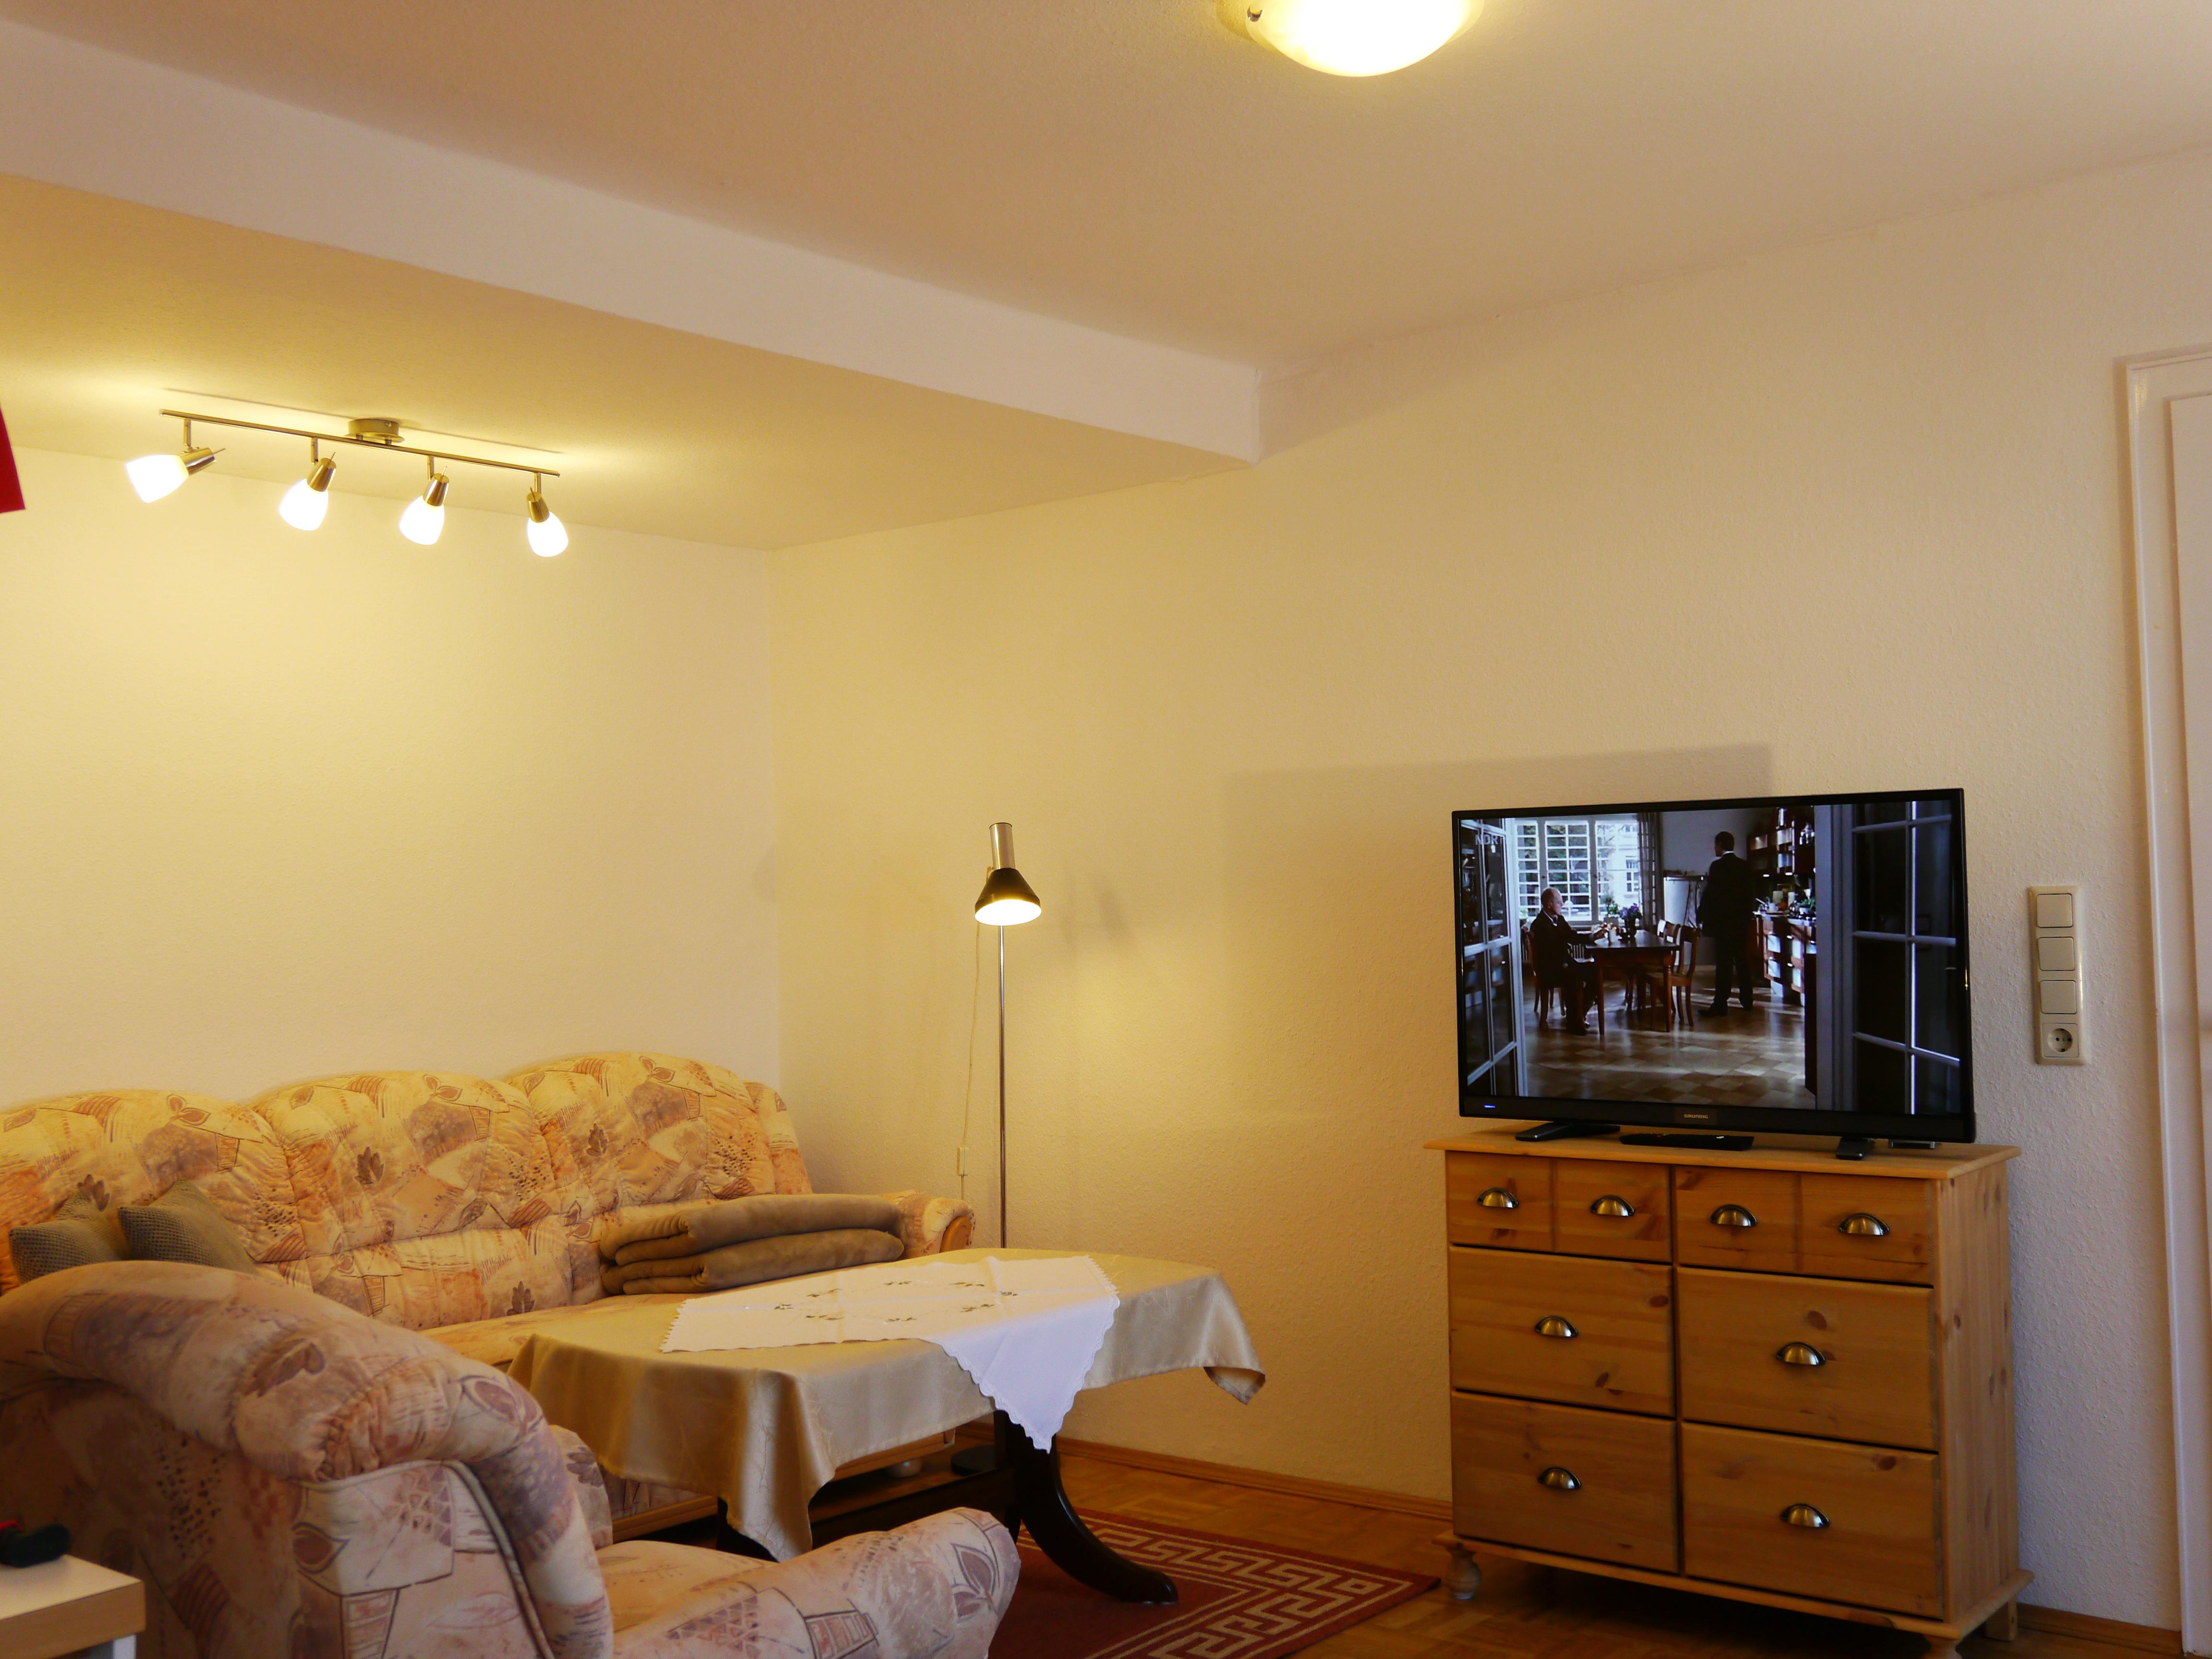 2-Zi.-Wohnung – 2        (bisher keine Sterne – die Wohnung ist neu)